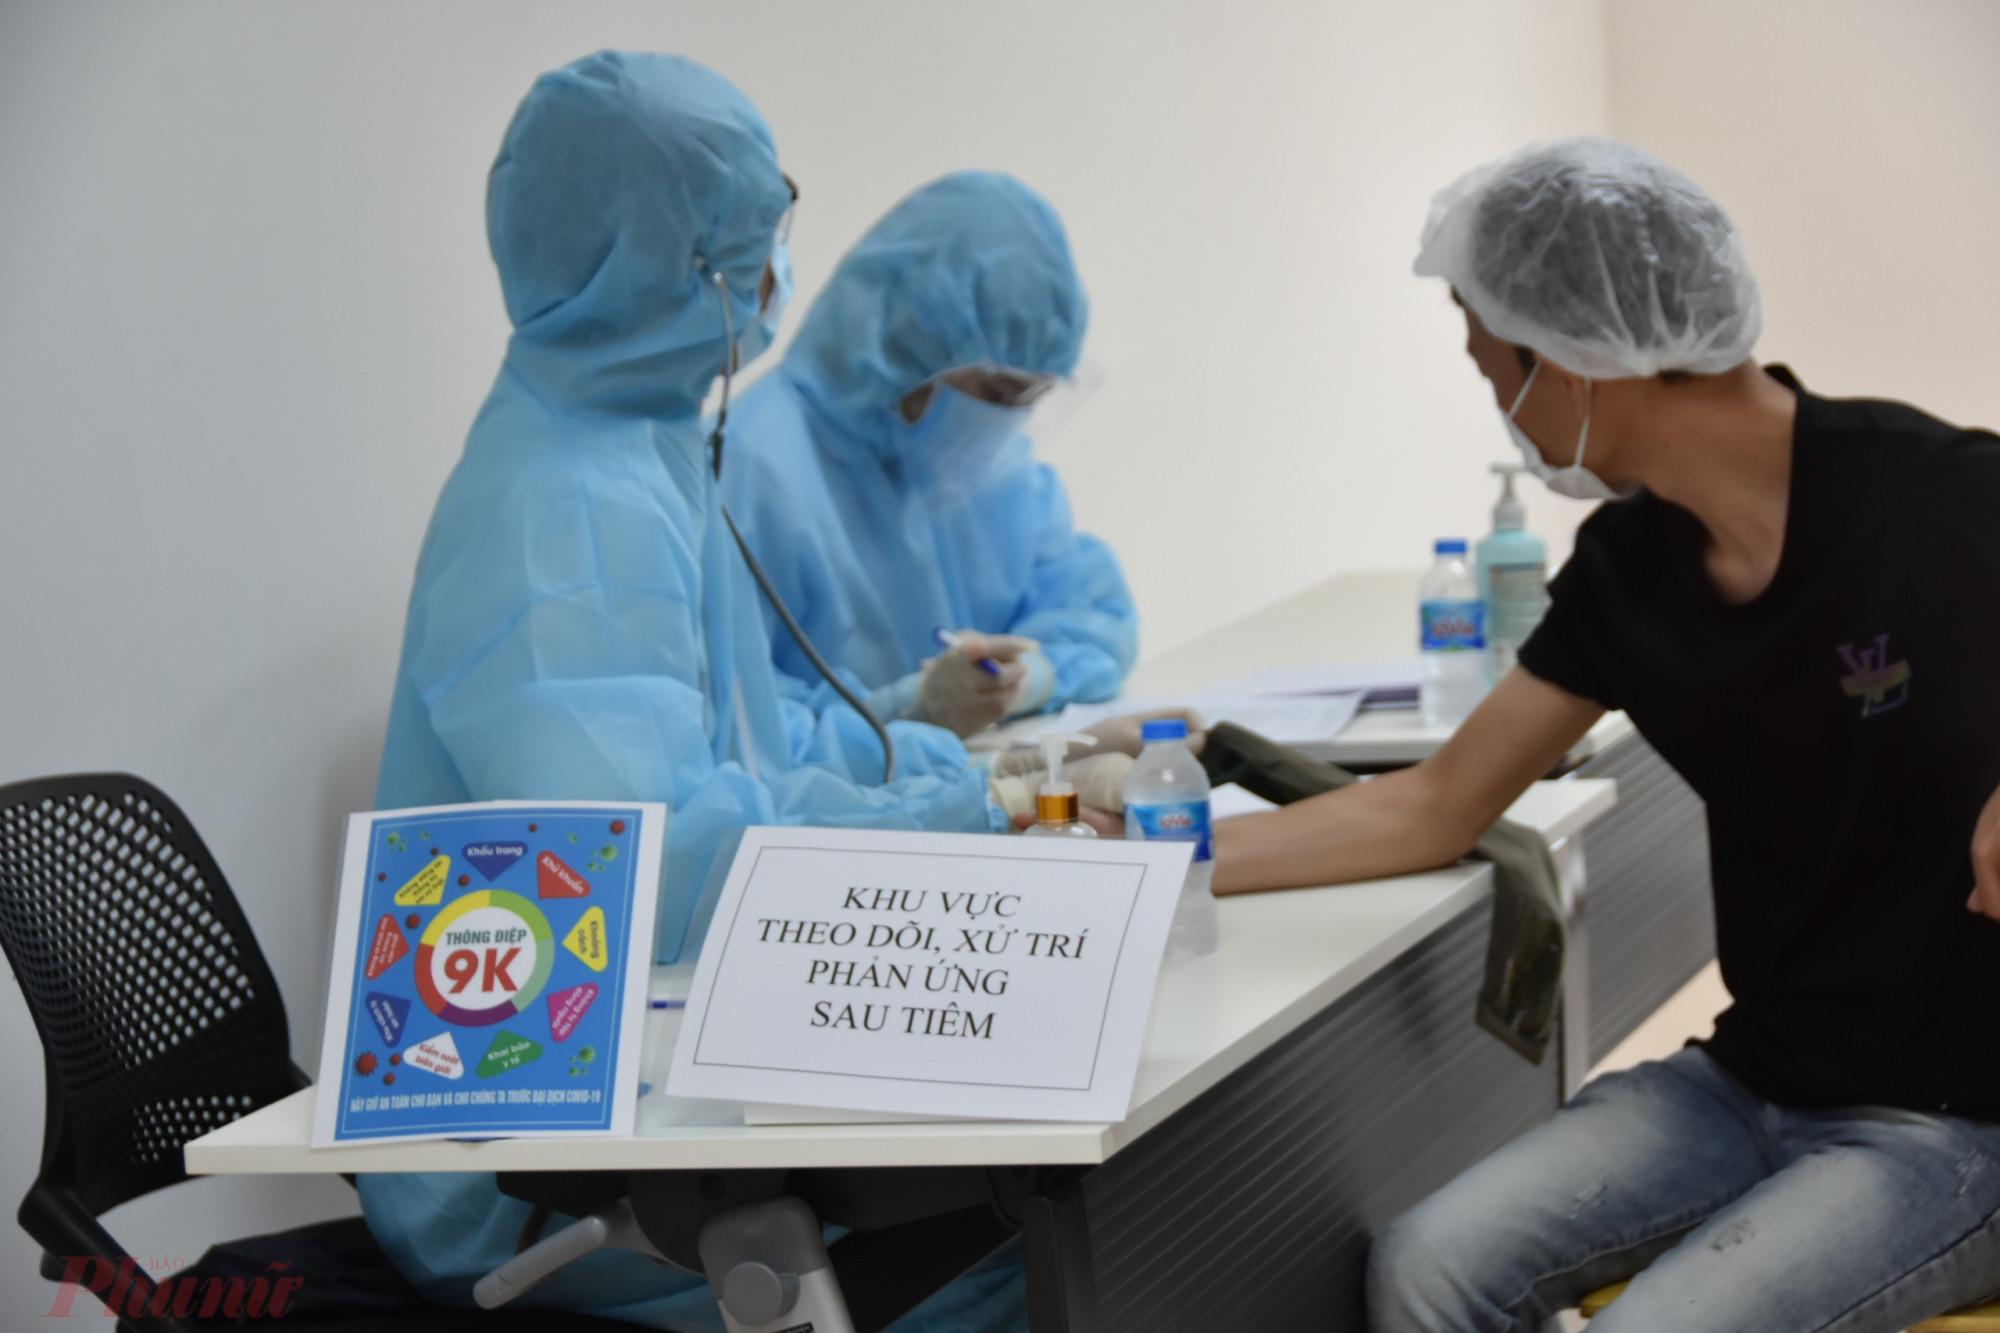 Sau khi tiêm chủng, người dân chờ theo dõi phản ứng sau tiêm, ảnh Trọng Nguyễn